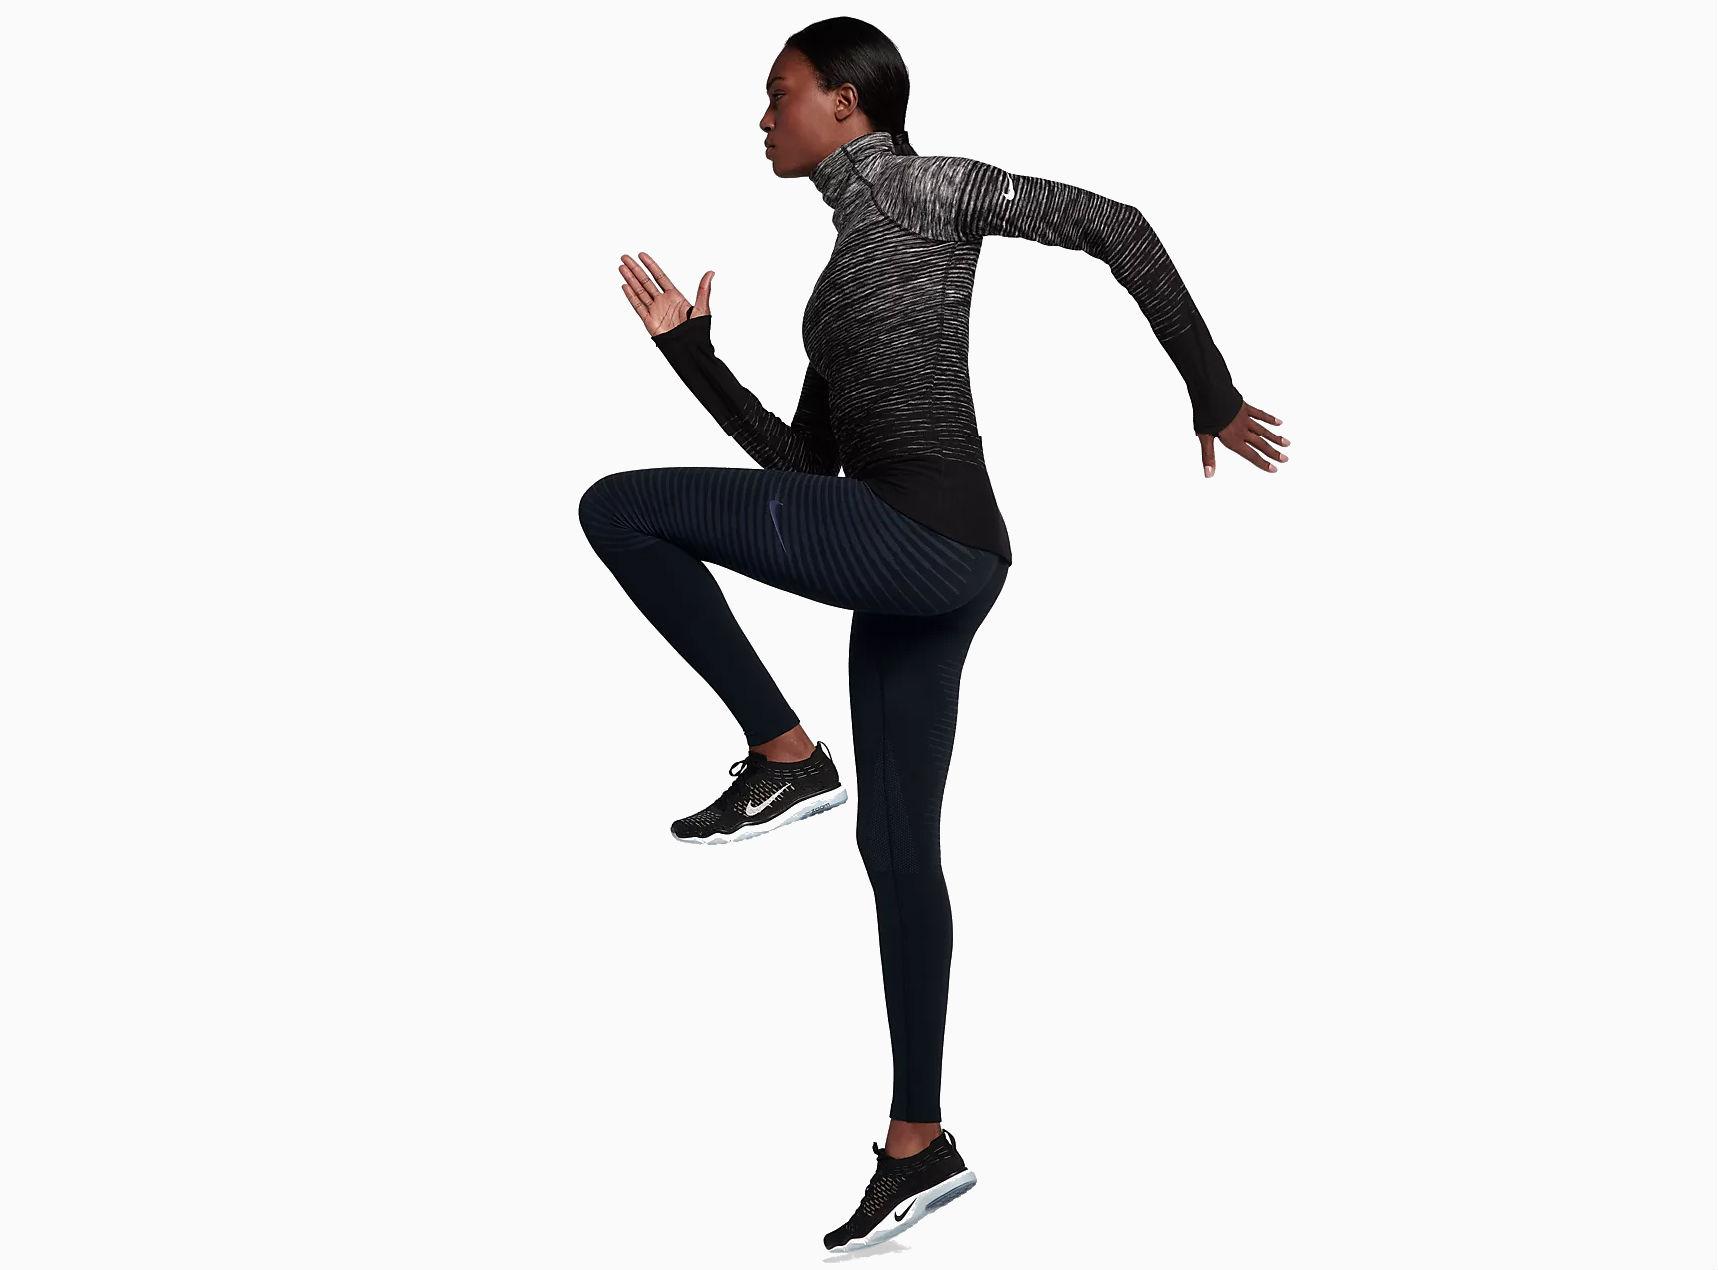 A model in Nike running gear